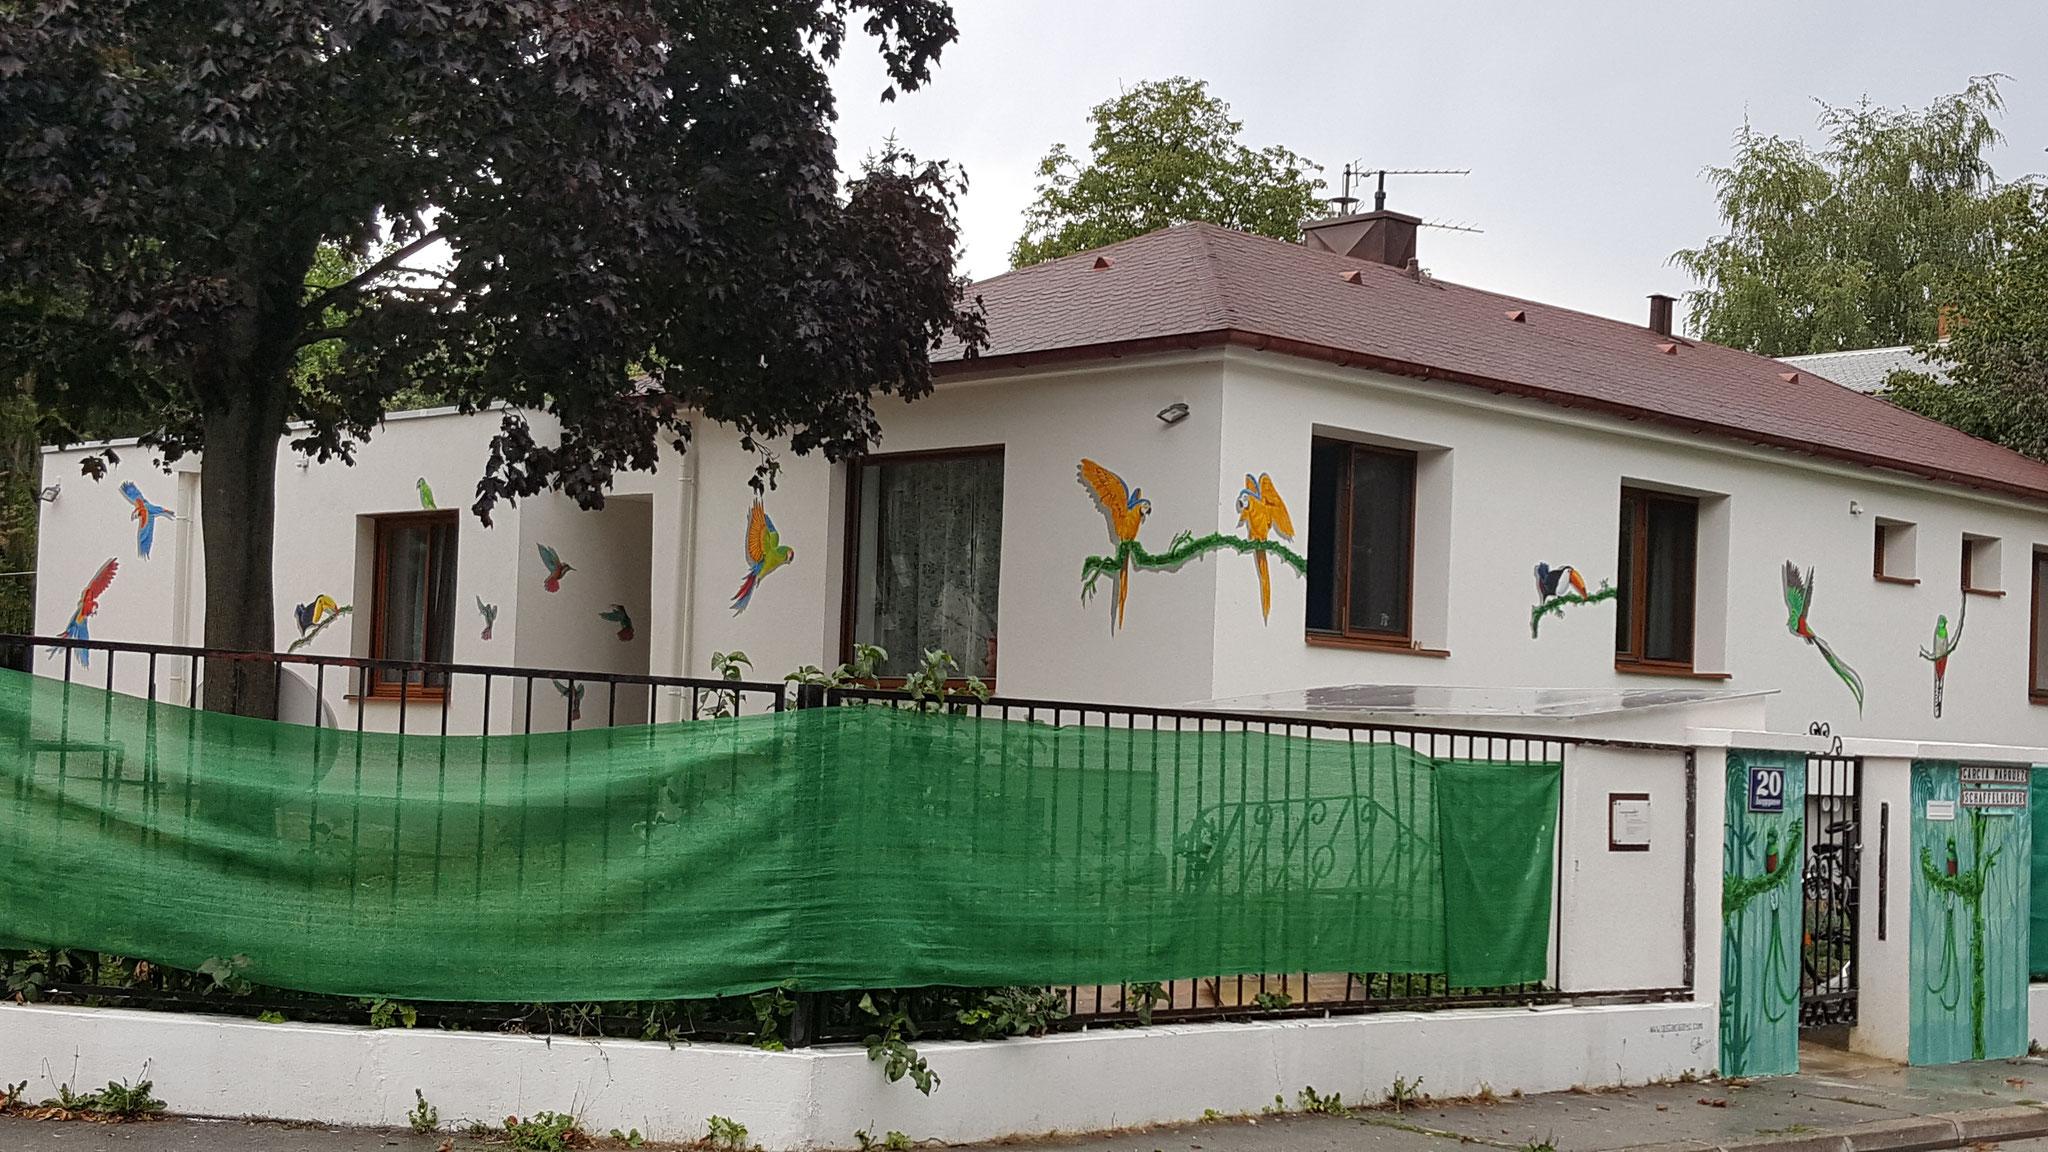 Casa de los Pajaros, acrílico, Privado - 1230 Viena